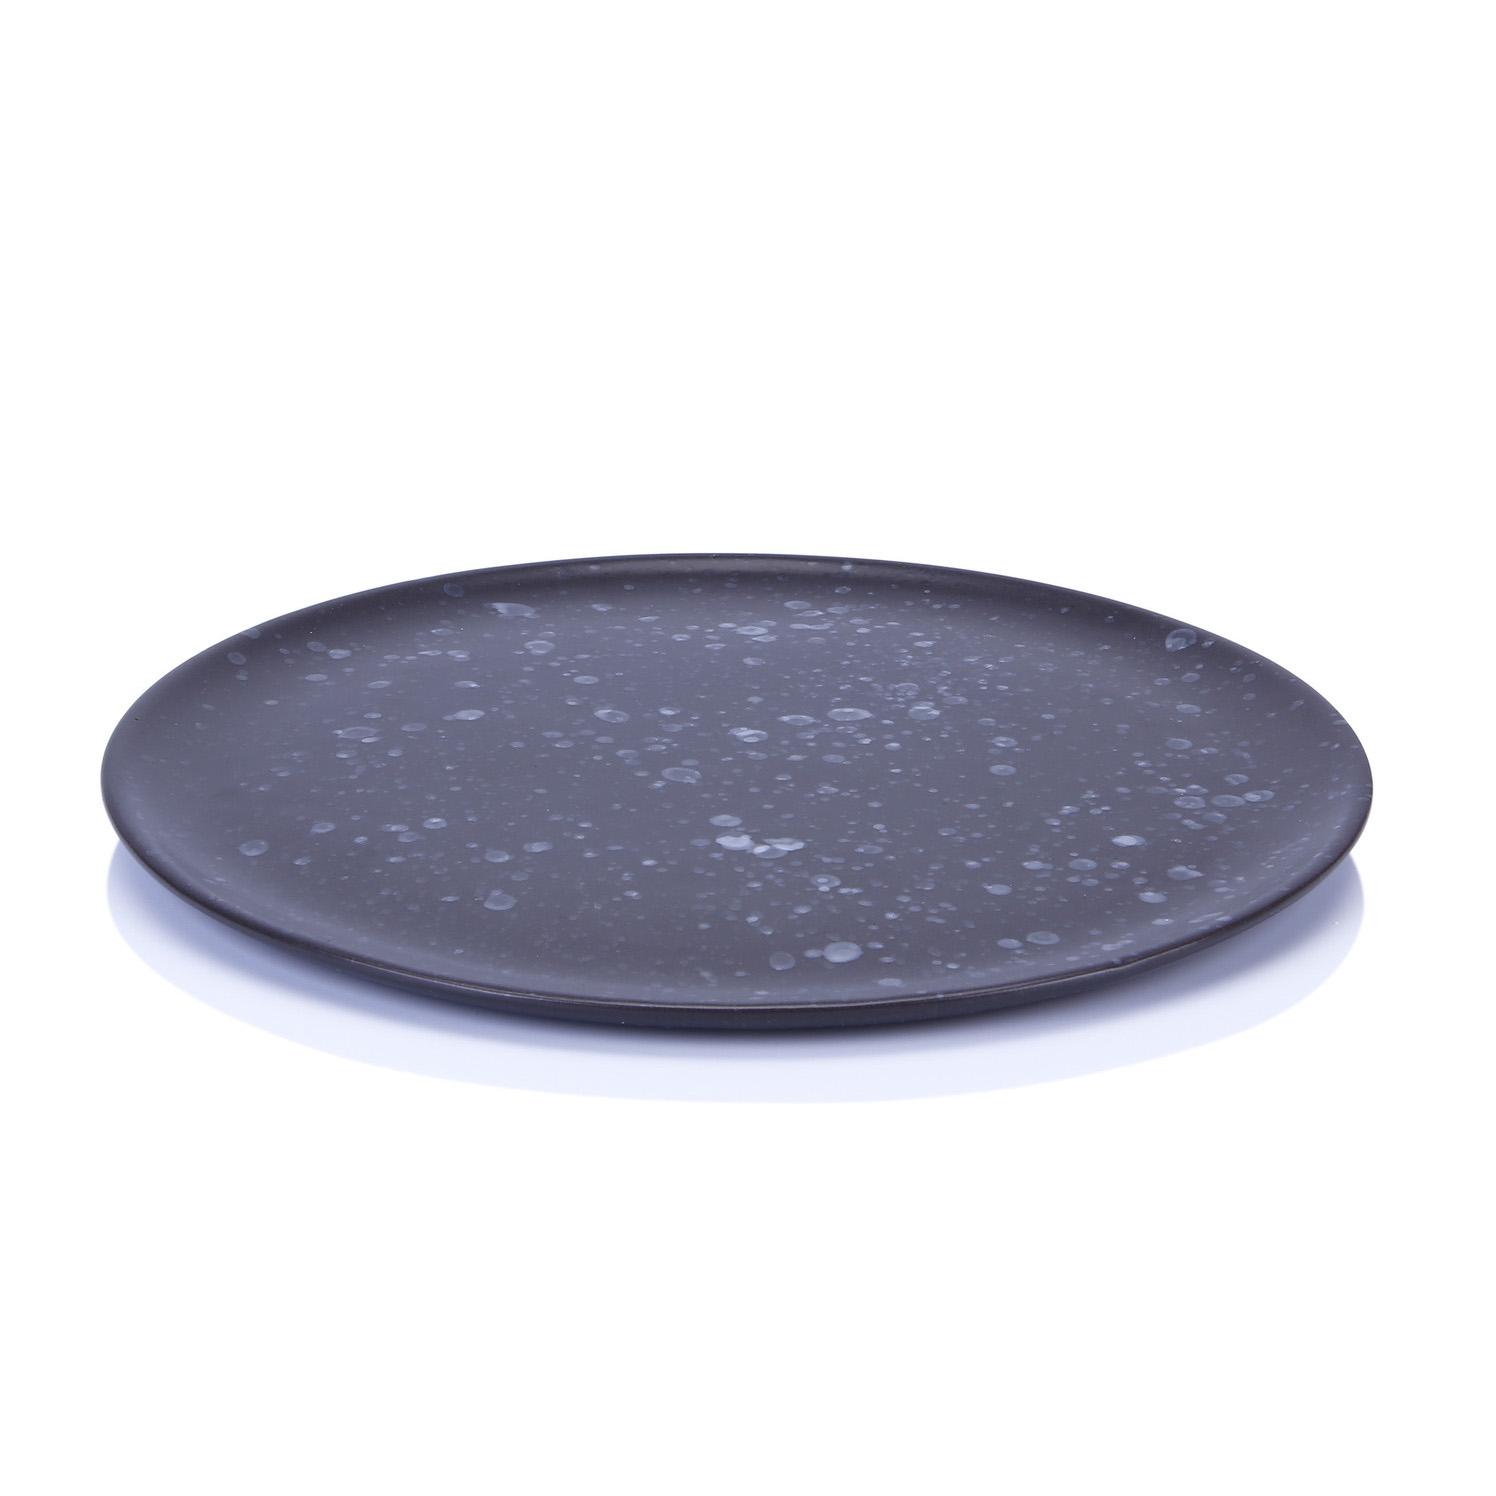 Онлайн каталог PROMENU: Тарелка подстановочная/сервировочная Aida Raw, 28 см, черная                               15212